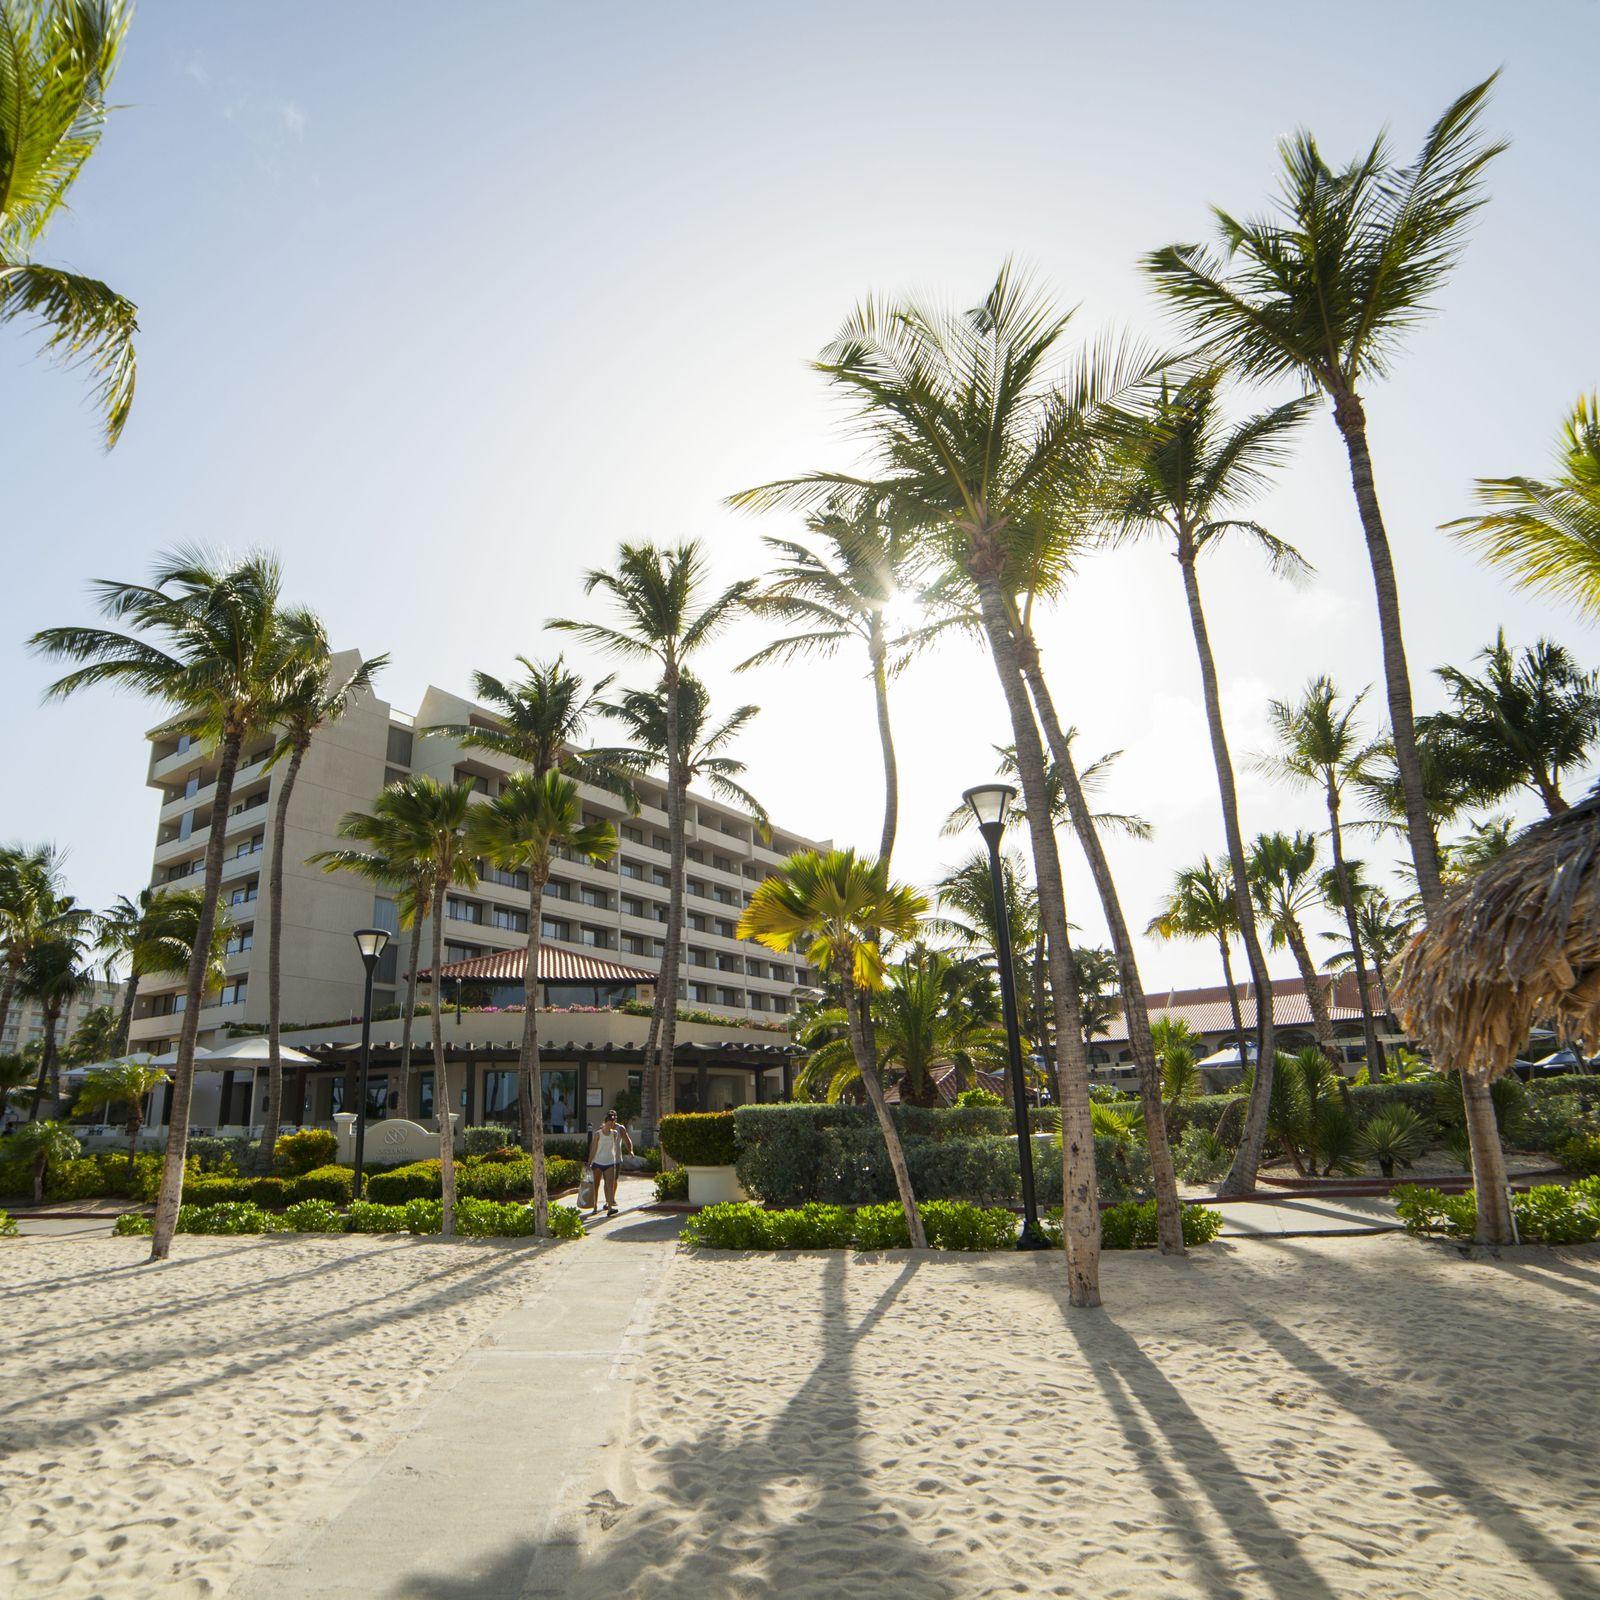 Vacaciones románticas en pareja en el hotel Barceló Aruba